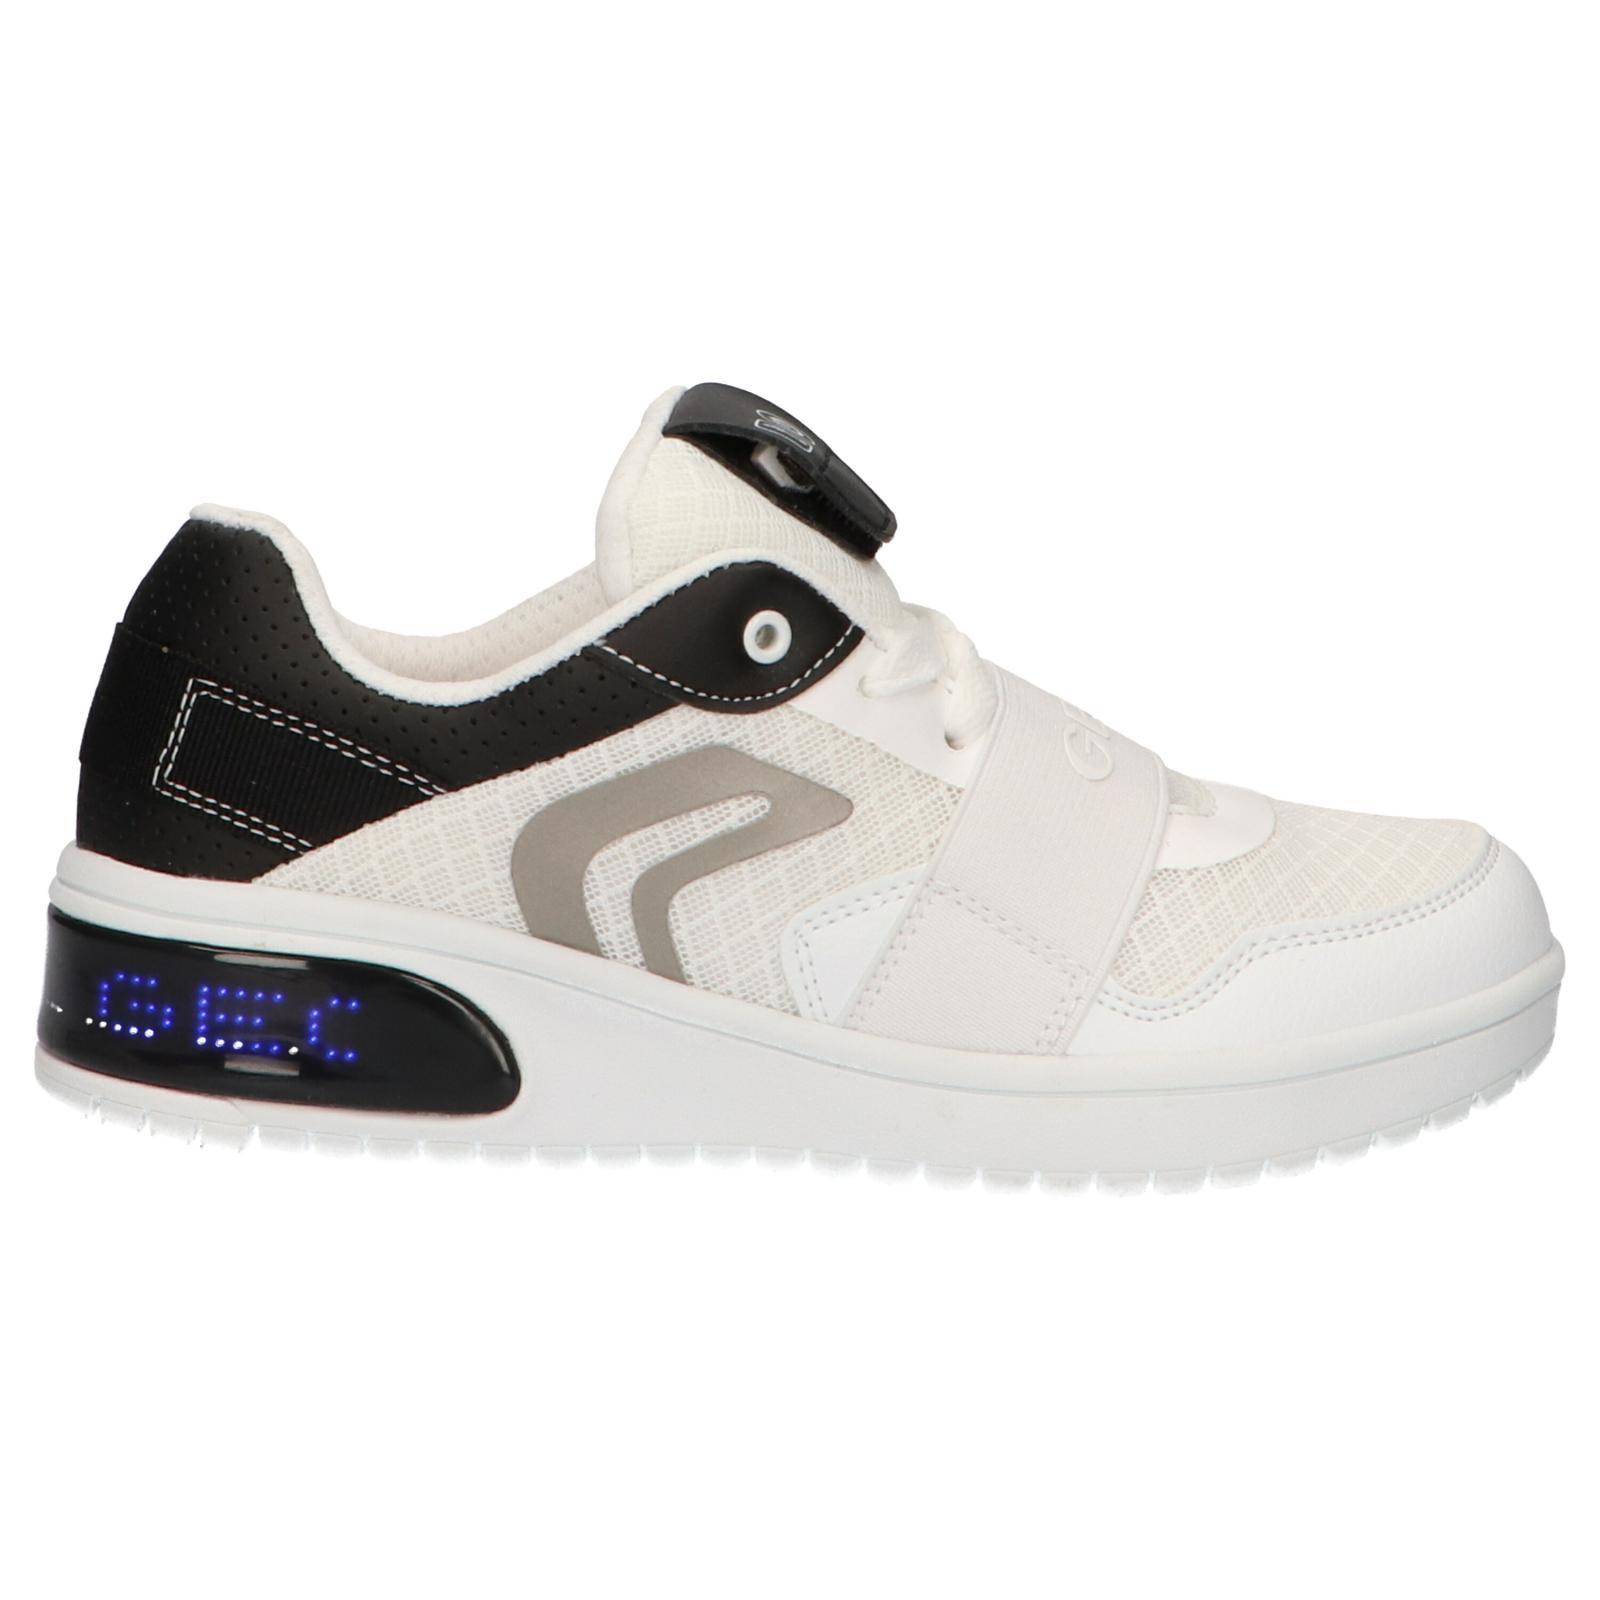 3a72cec8ad Damske topánky sneakers GEOX detske J927QB J XLED